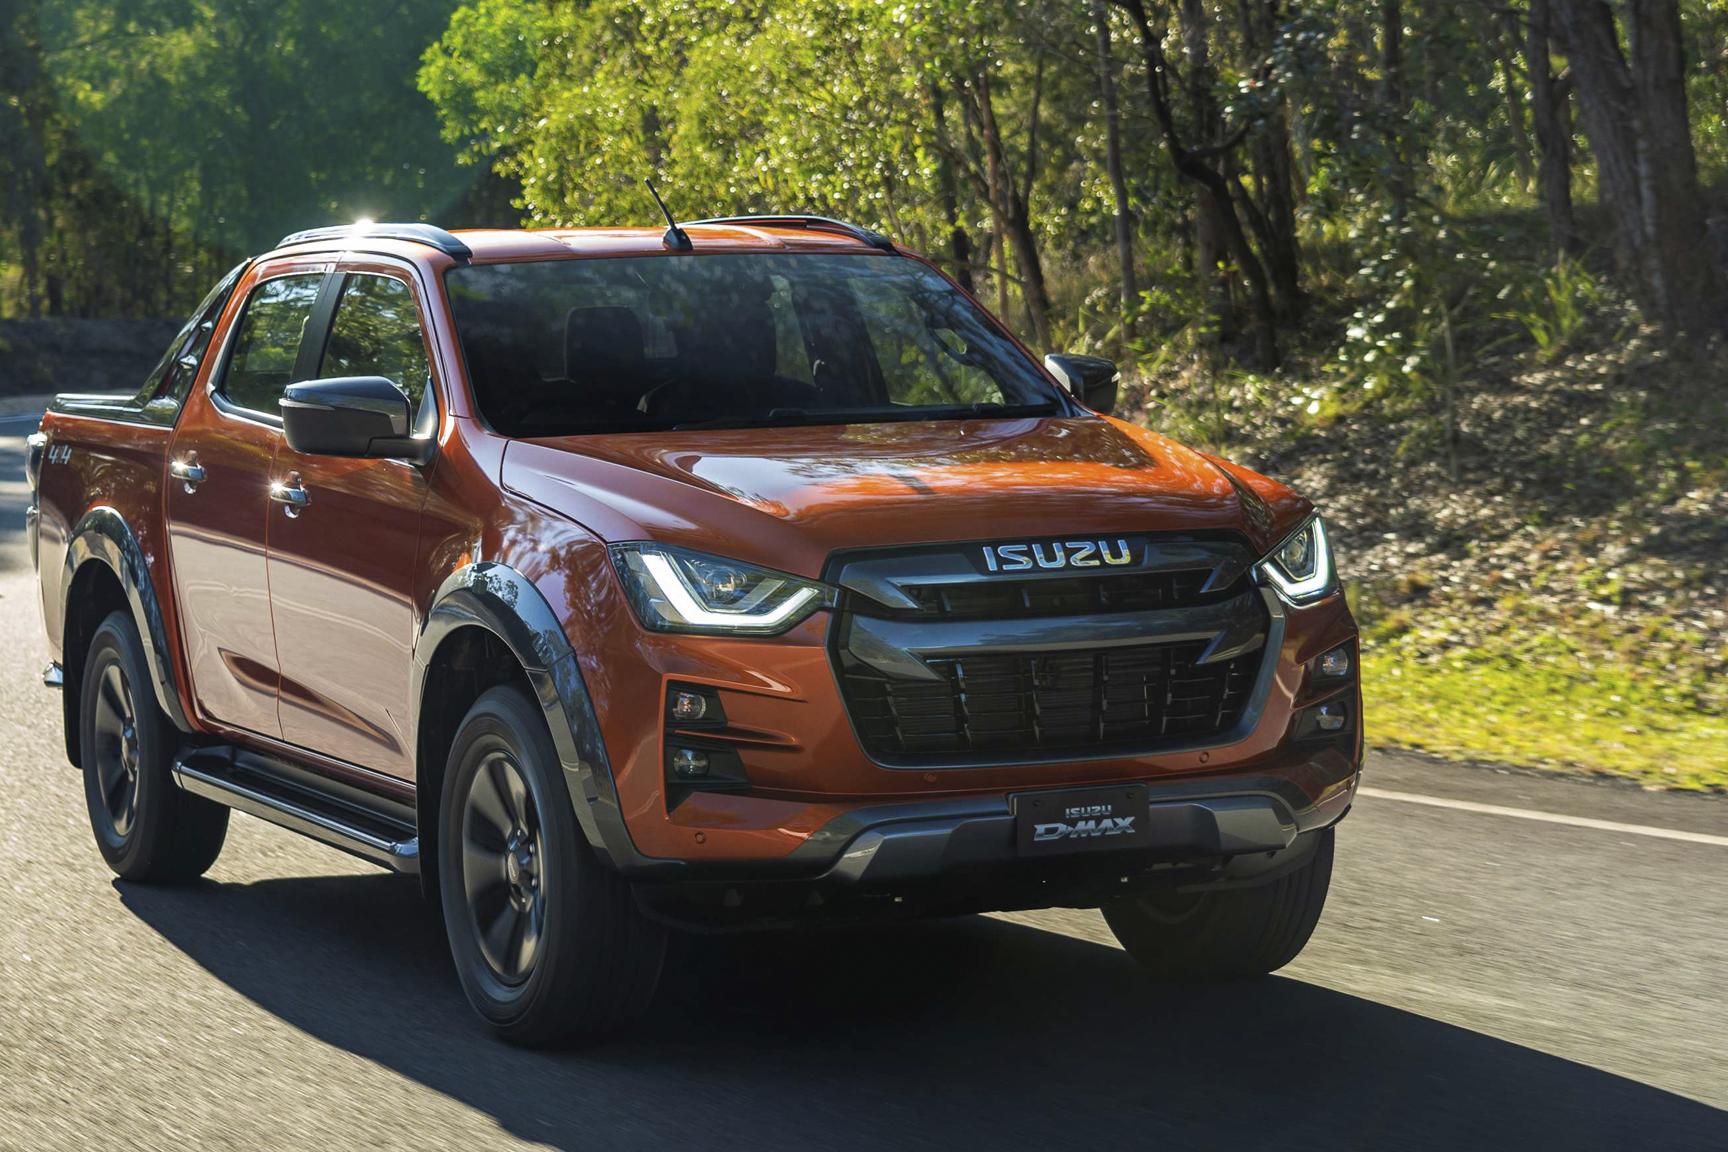 International Motors Group dealer Isuzu D-Max Offroad